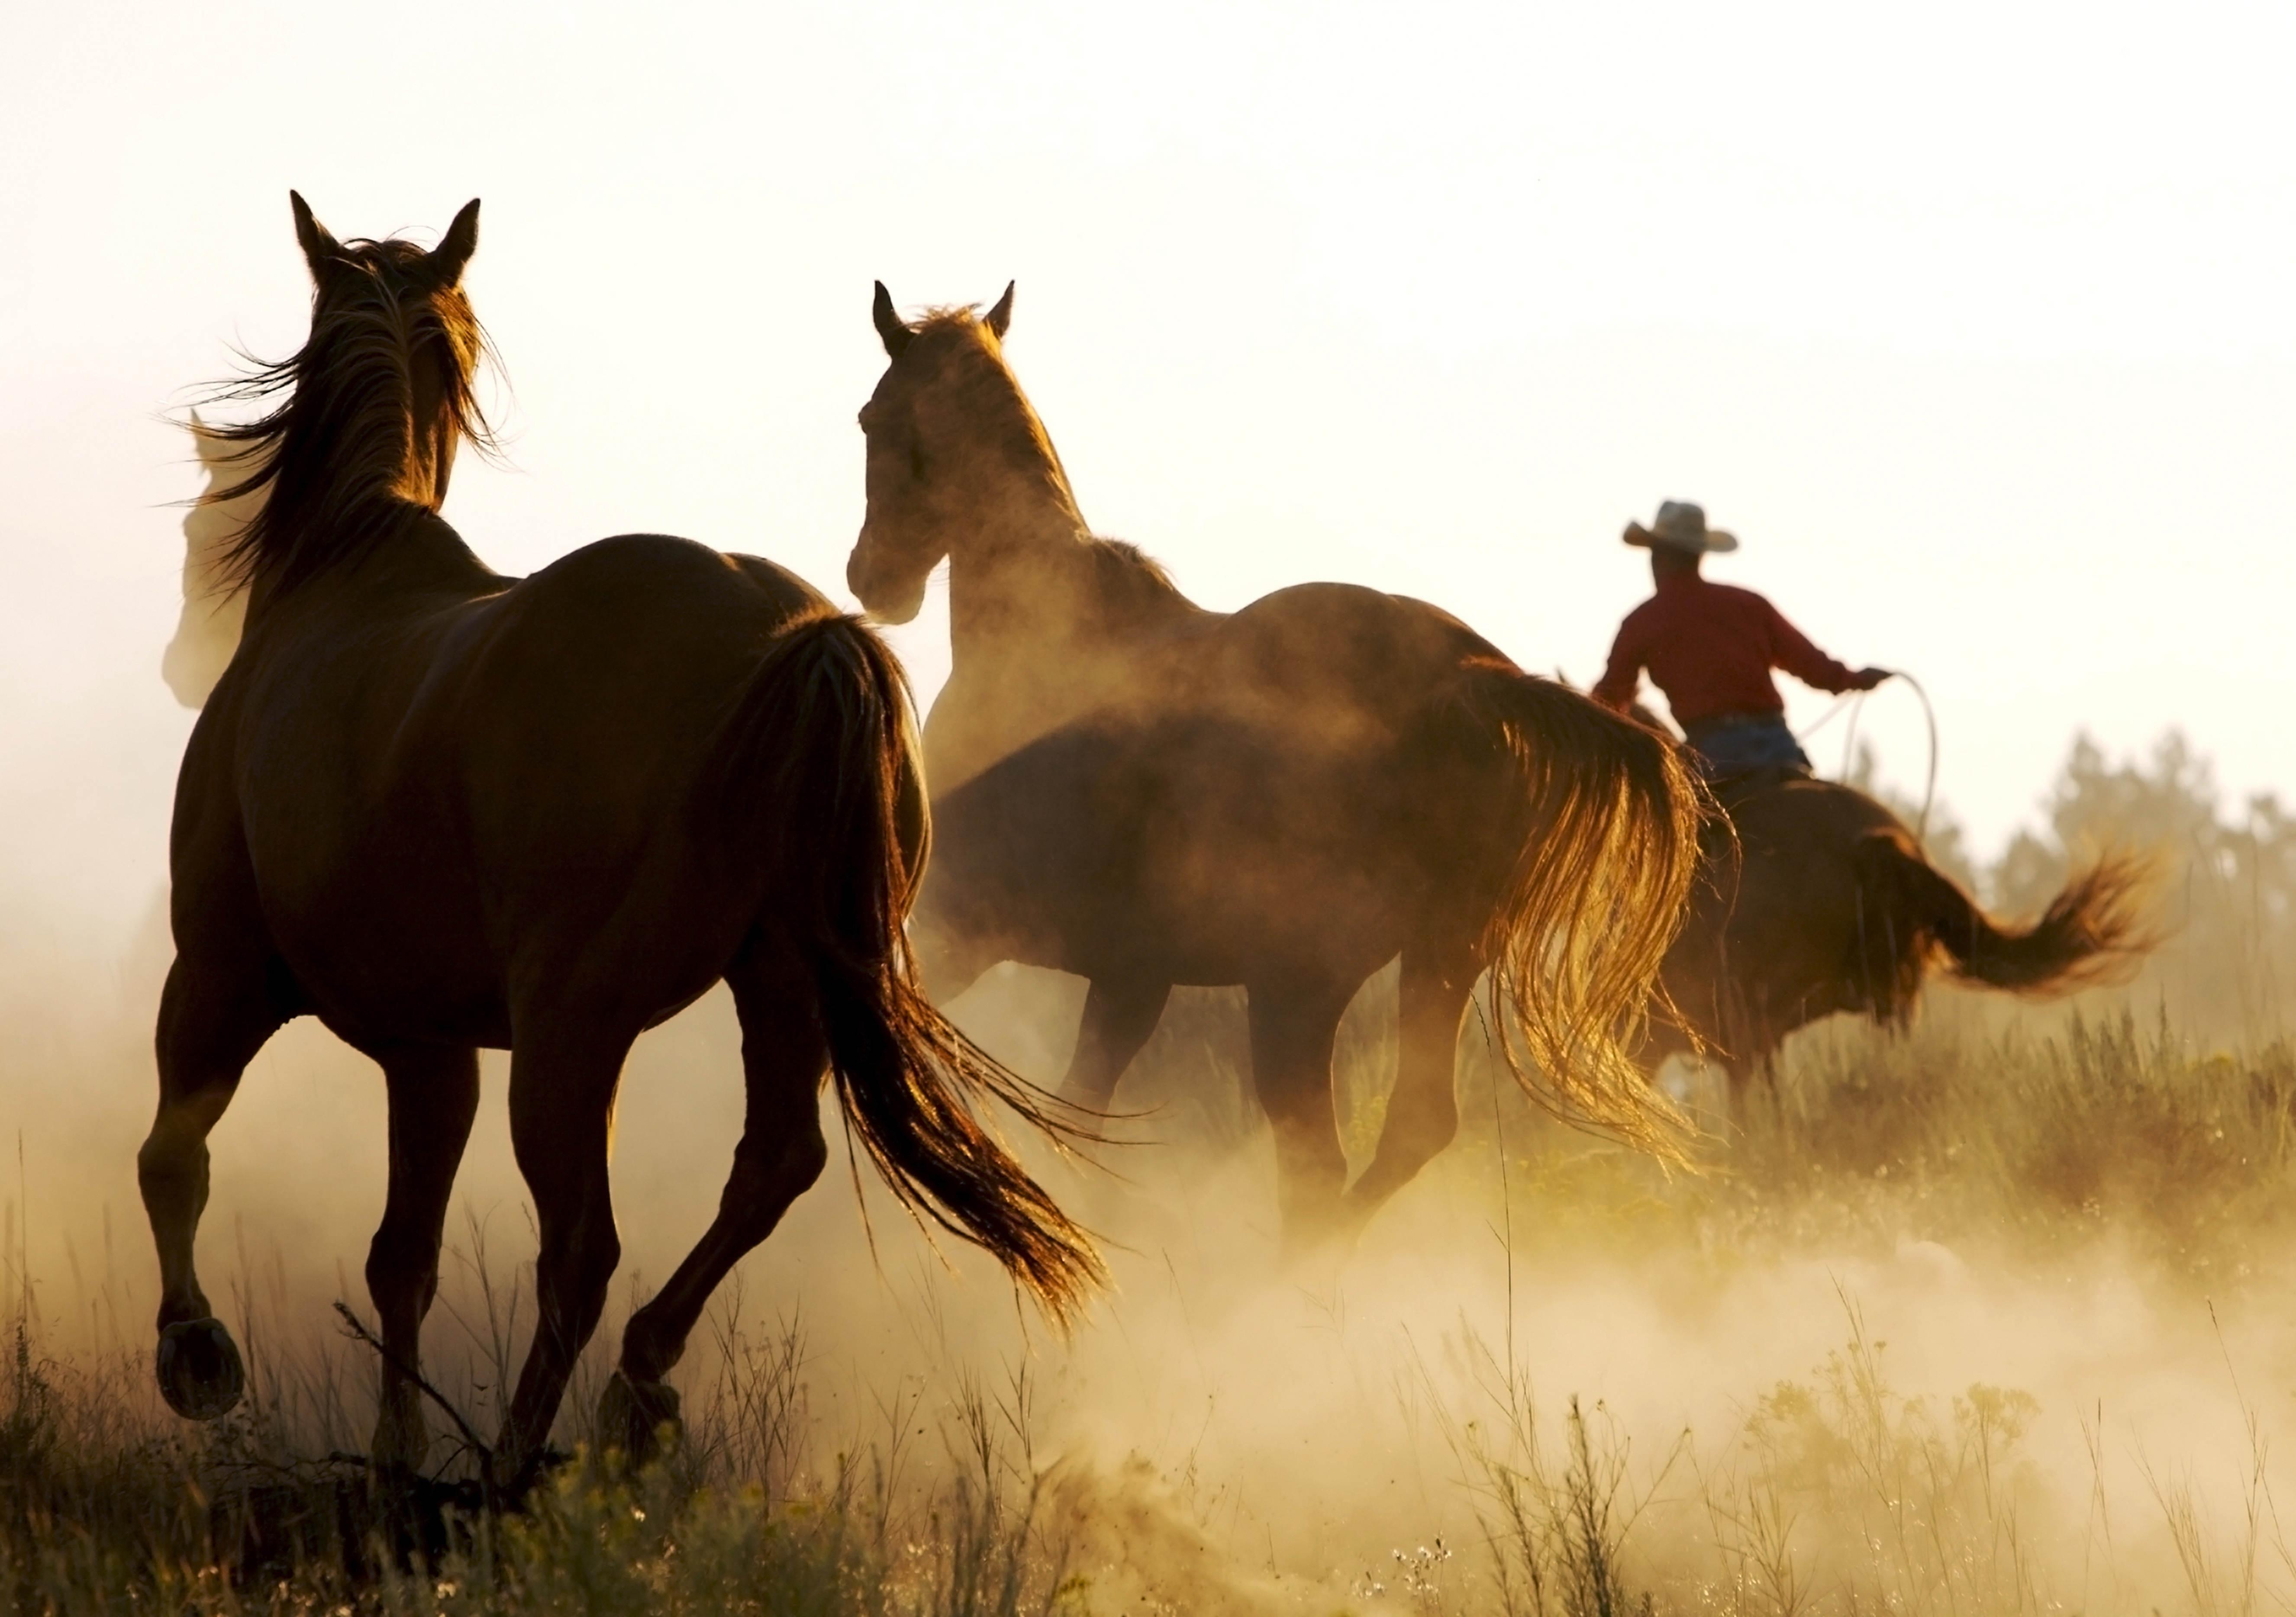 105173 Protetores de tela e papéis de parede Cavalos em seu telefone. Baixe Cavalos, Animais, Laço, Vaqueiro, Laçar fotos gratuitamente